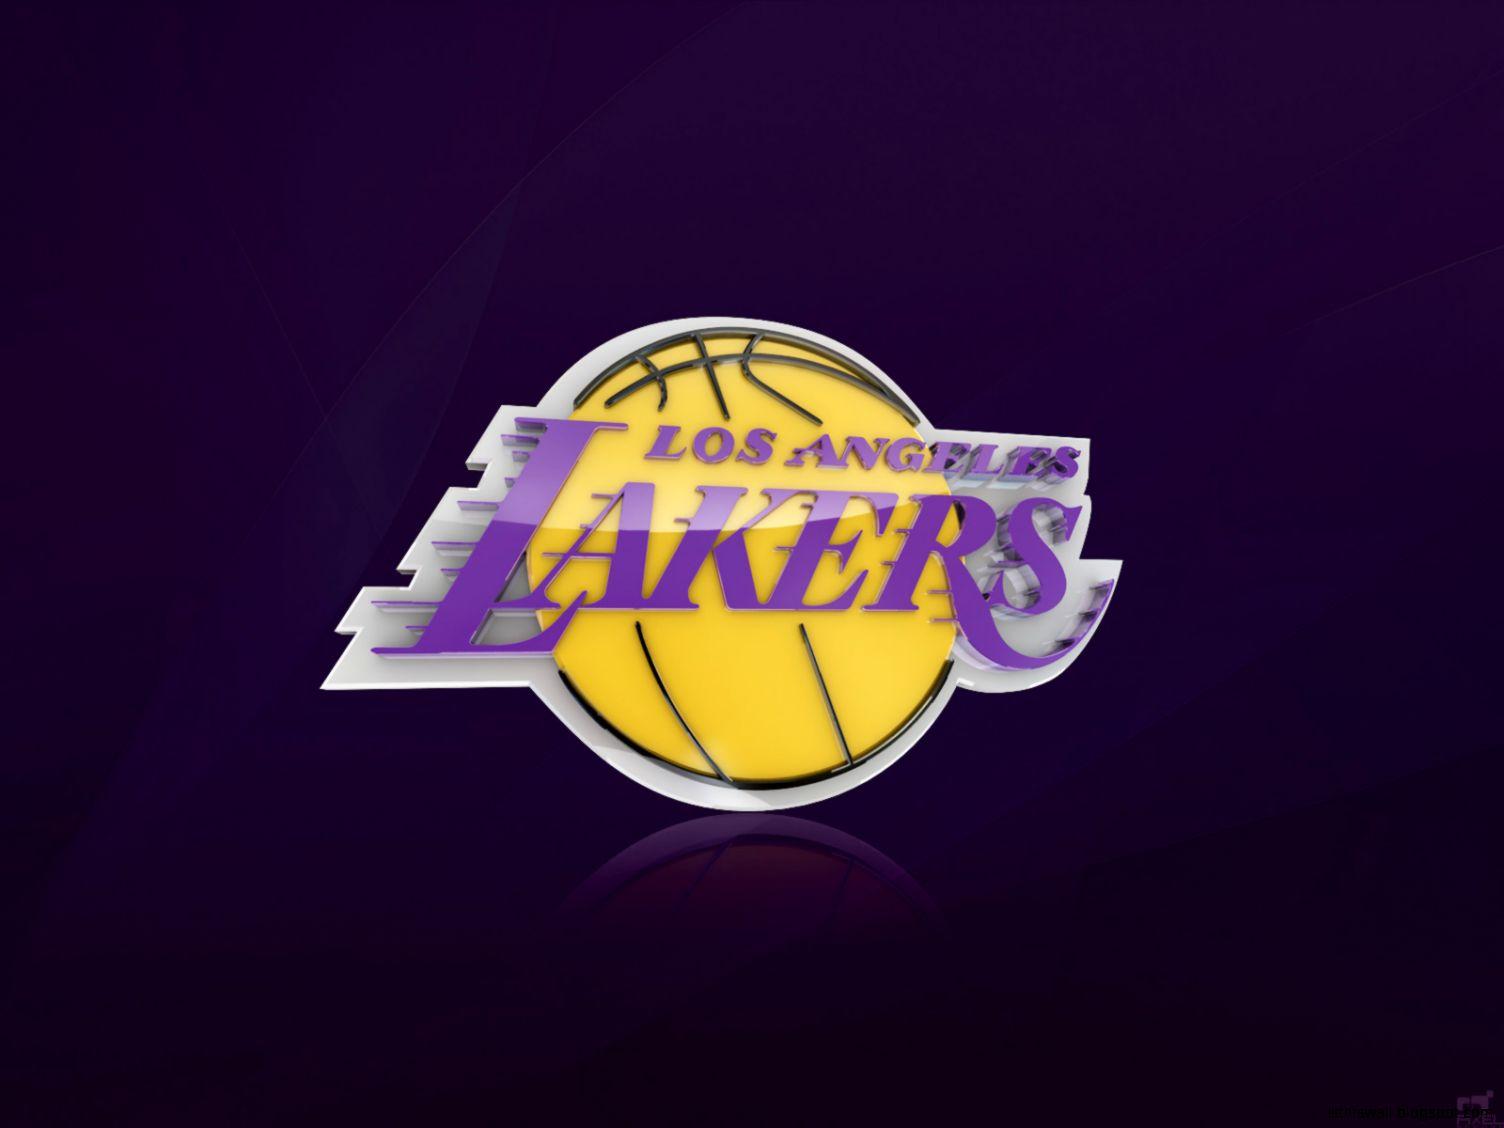 La Lakers Logo Hd Wallpaper